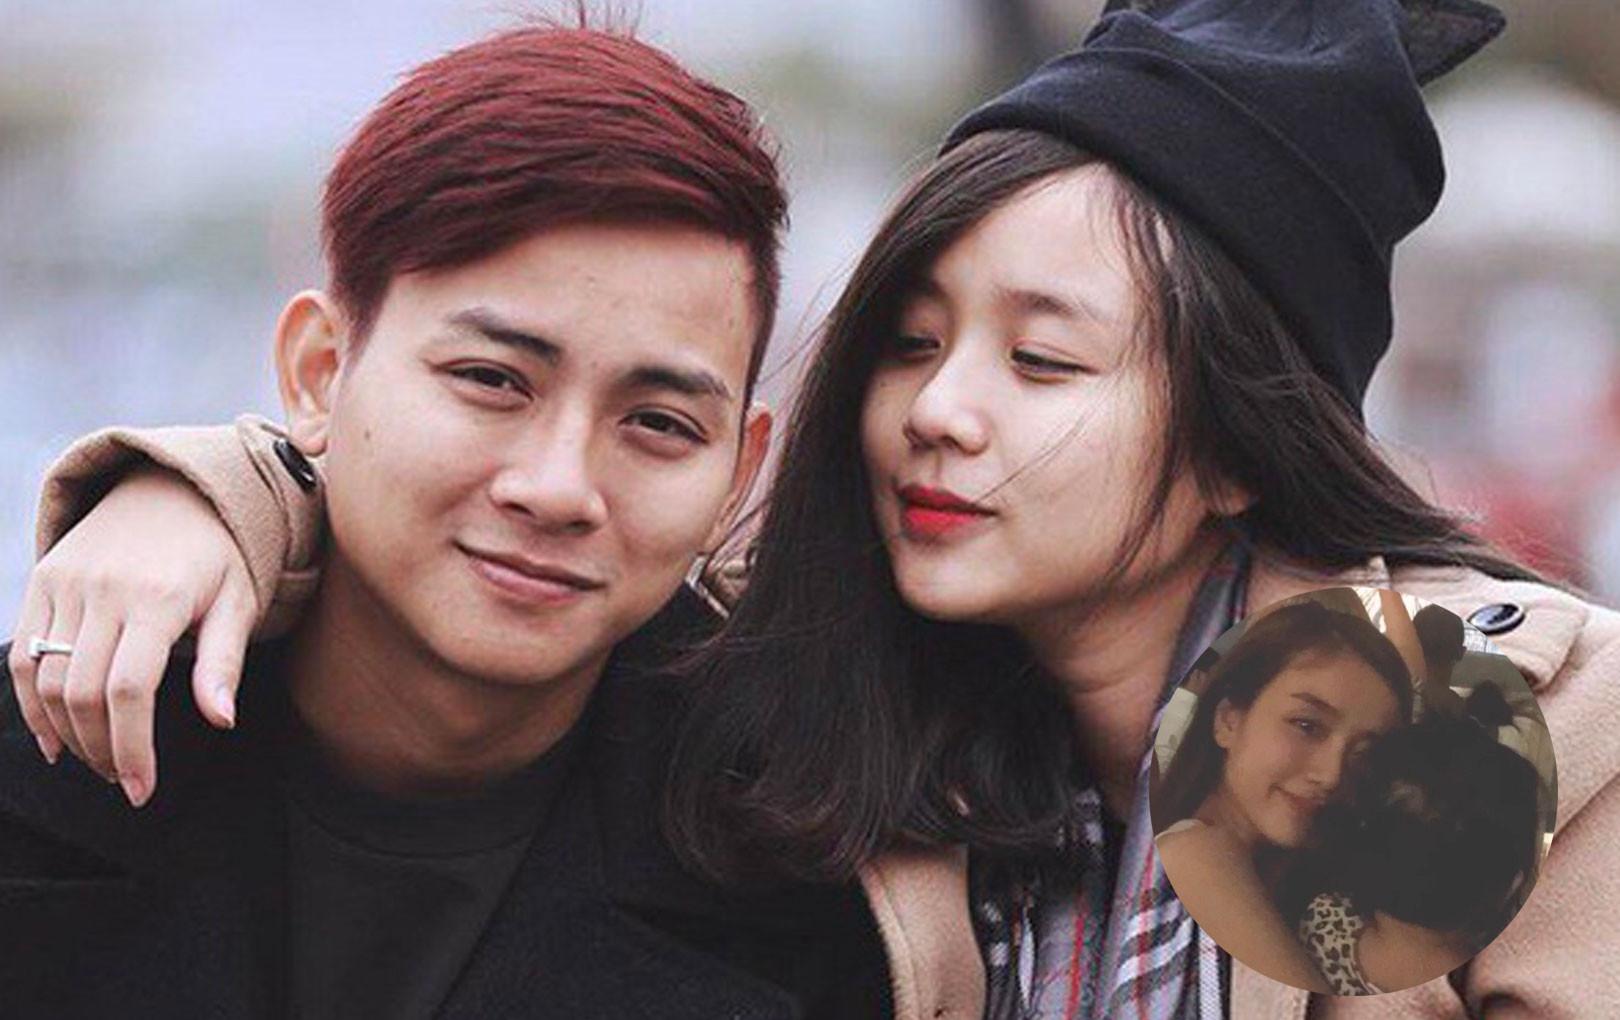 Cuối cùng bà xã Hoài Lâm cũng đăng ảnh với con gái nhỏ sau thời gian dài giấu kĩ?